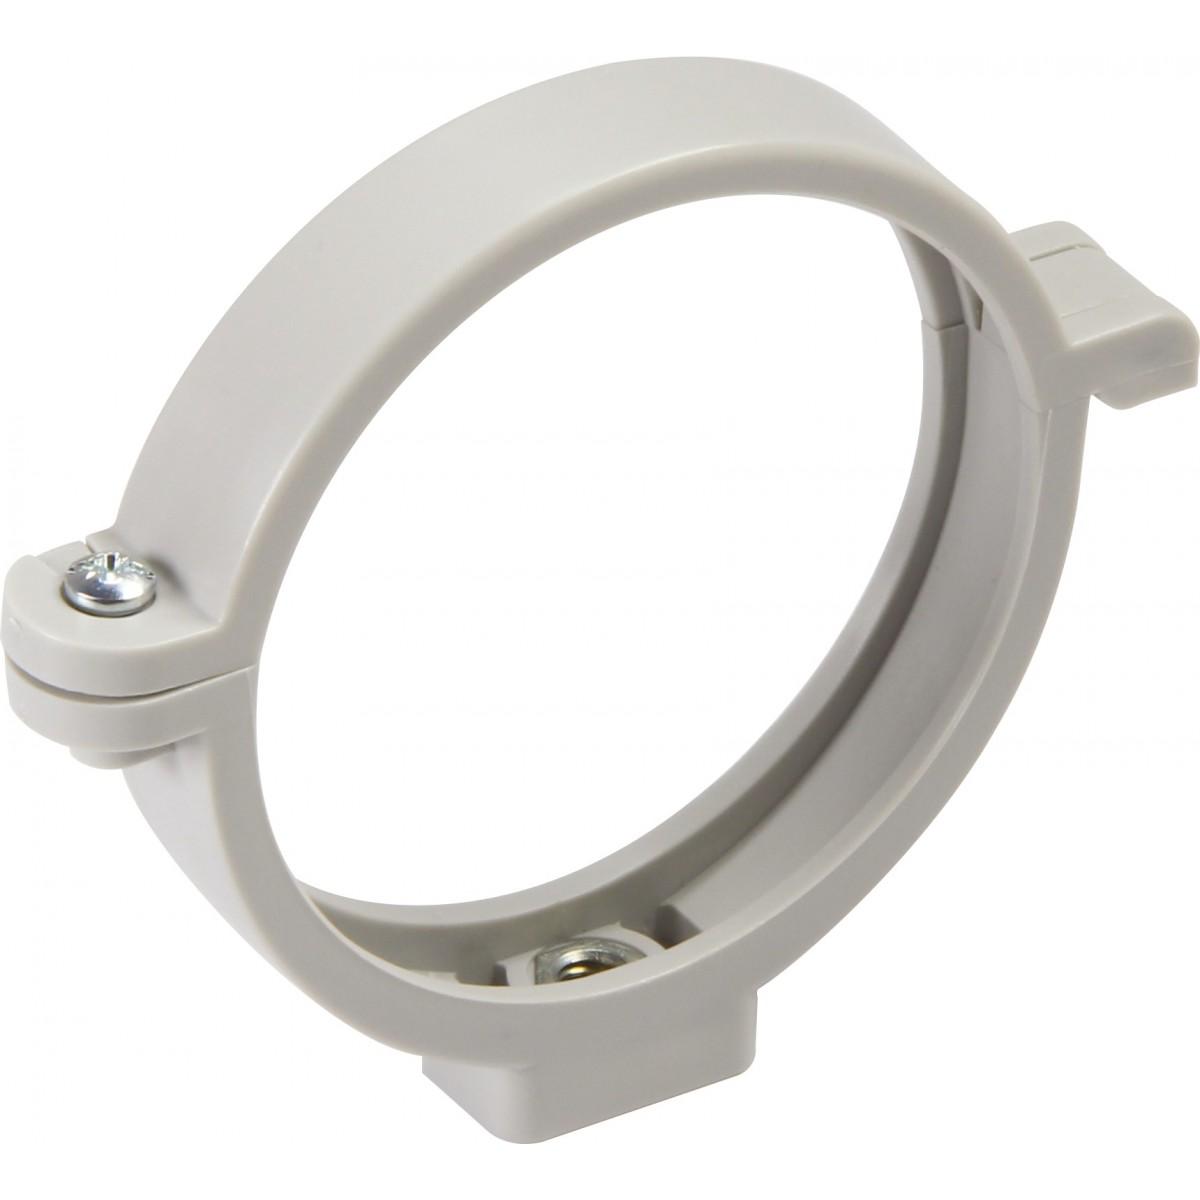 Collier à bride de descente Girpi - Diamètre 80 mm - Gris